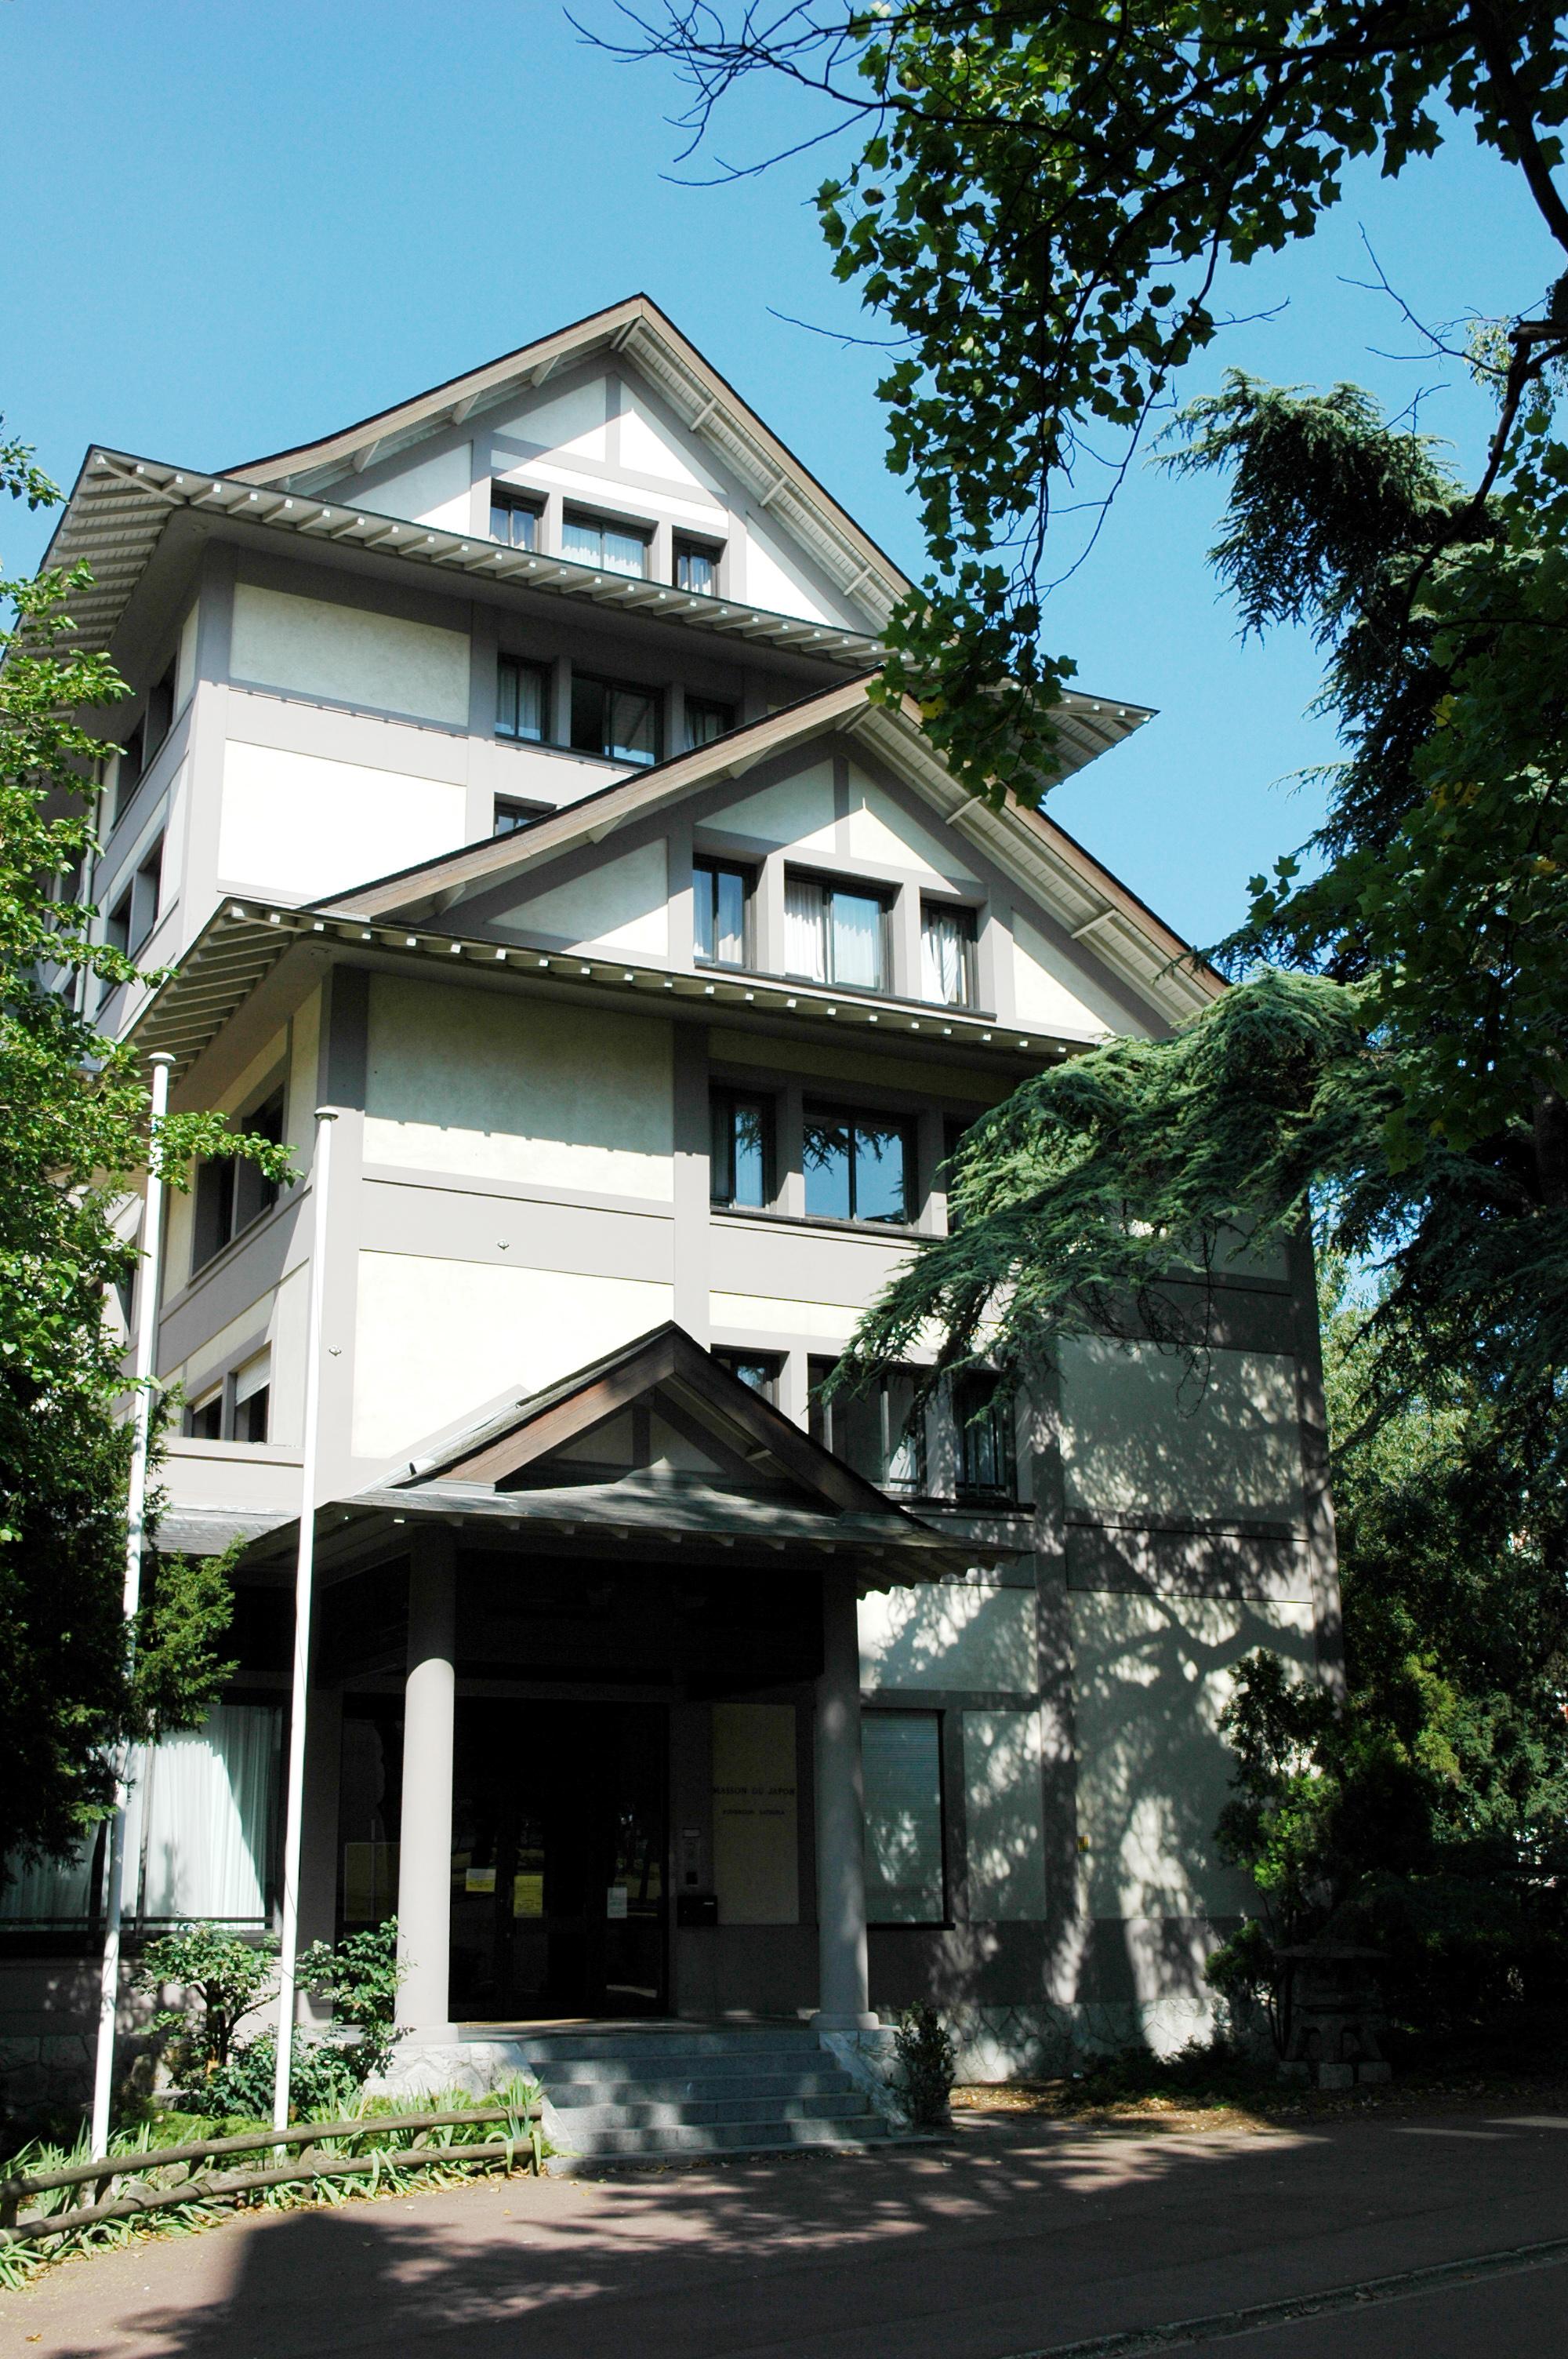 File france paris cite universitaire maison japon 01 jpg - Maison du japon a paris ...